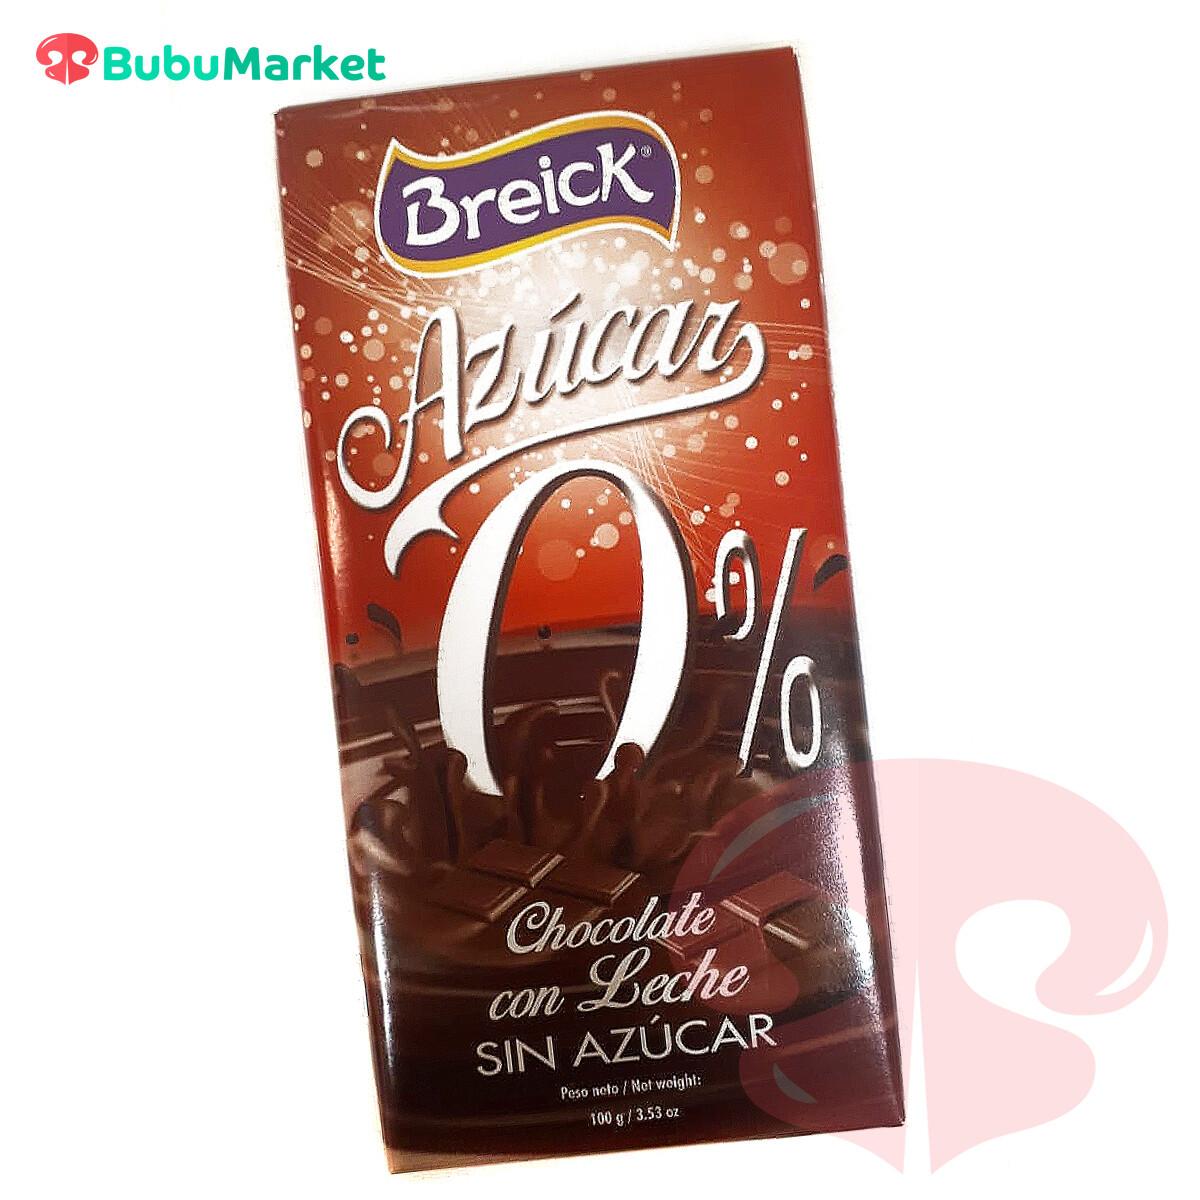 CHOCOLATE BREICK CON LECHE 0% SIN AZUCAR